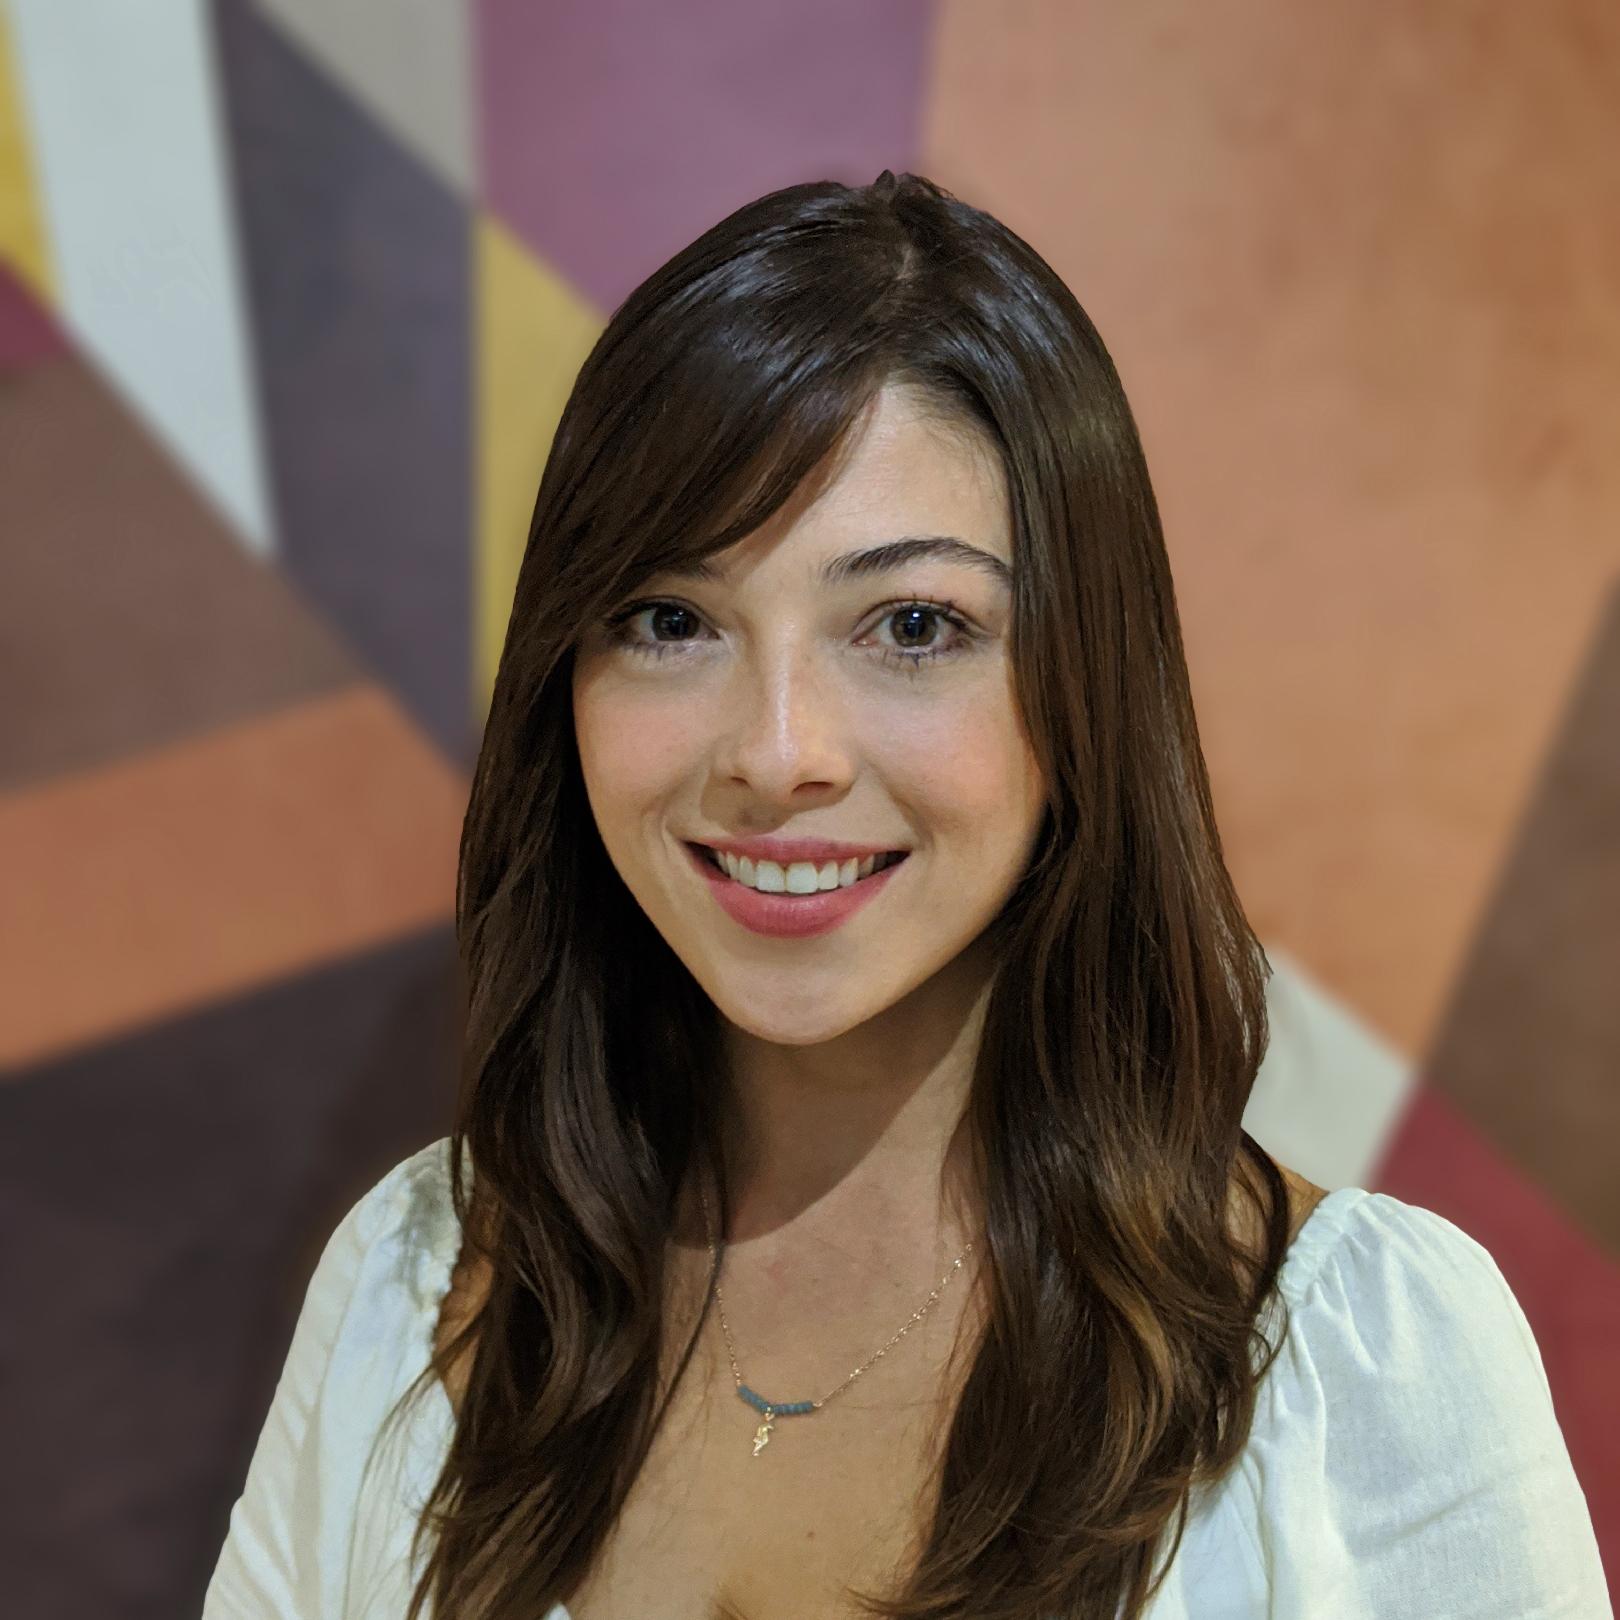 Bárbara Luiza Fernandes Vaz